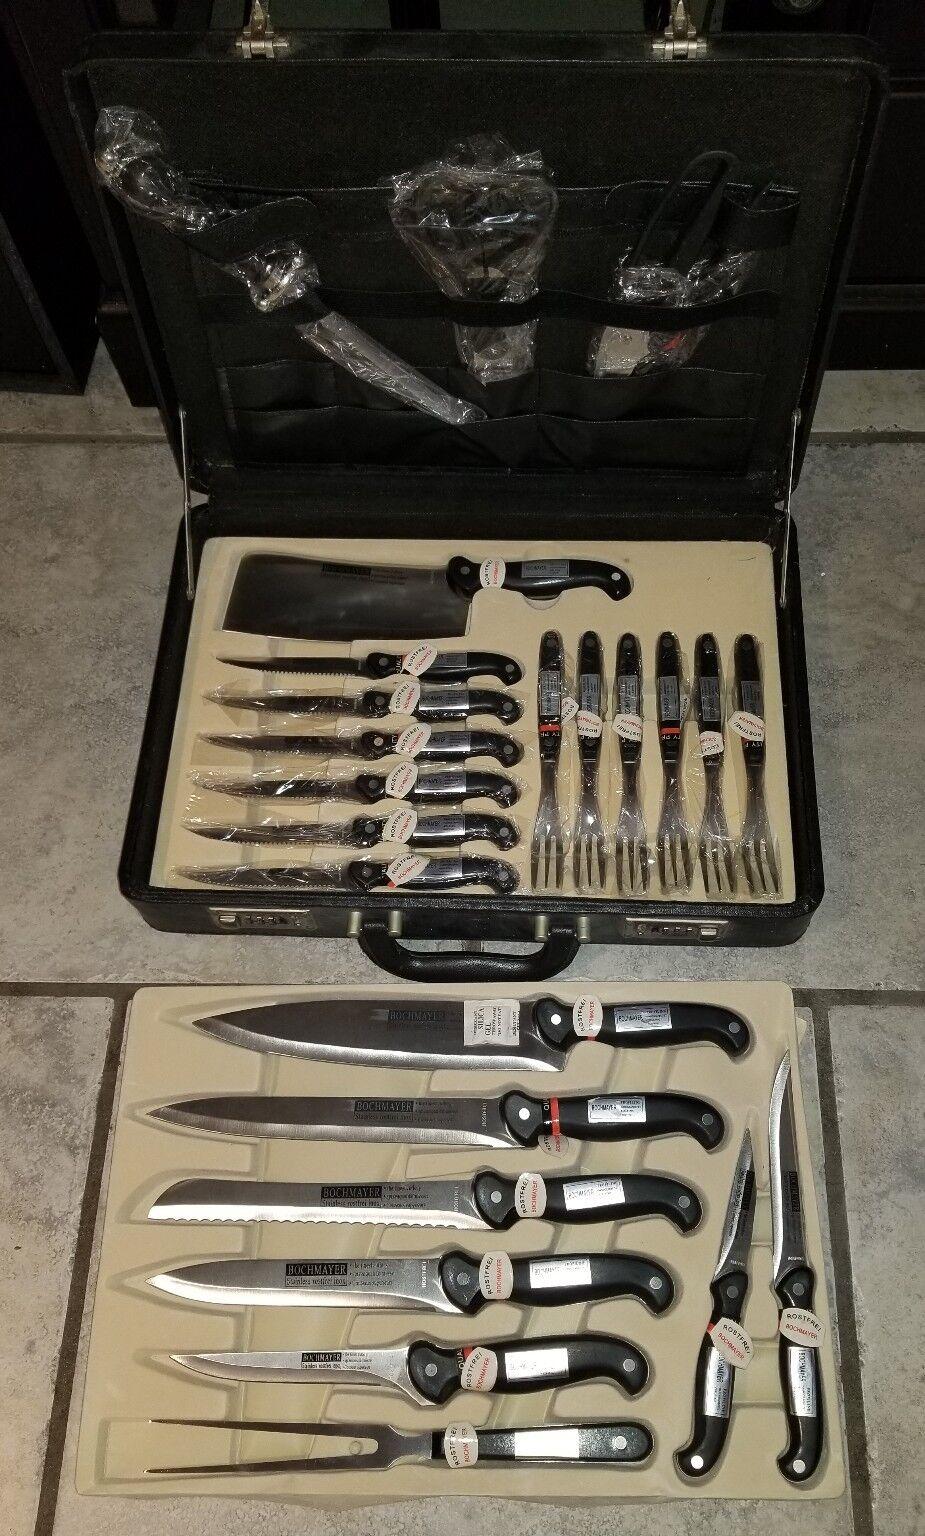 Bochmayer Professionnel Lot de Couteaux 24 Pièces couteaux couteaux en acier inoxydable, Case